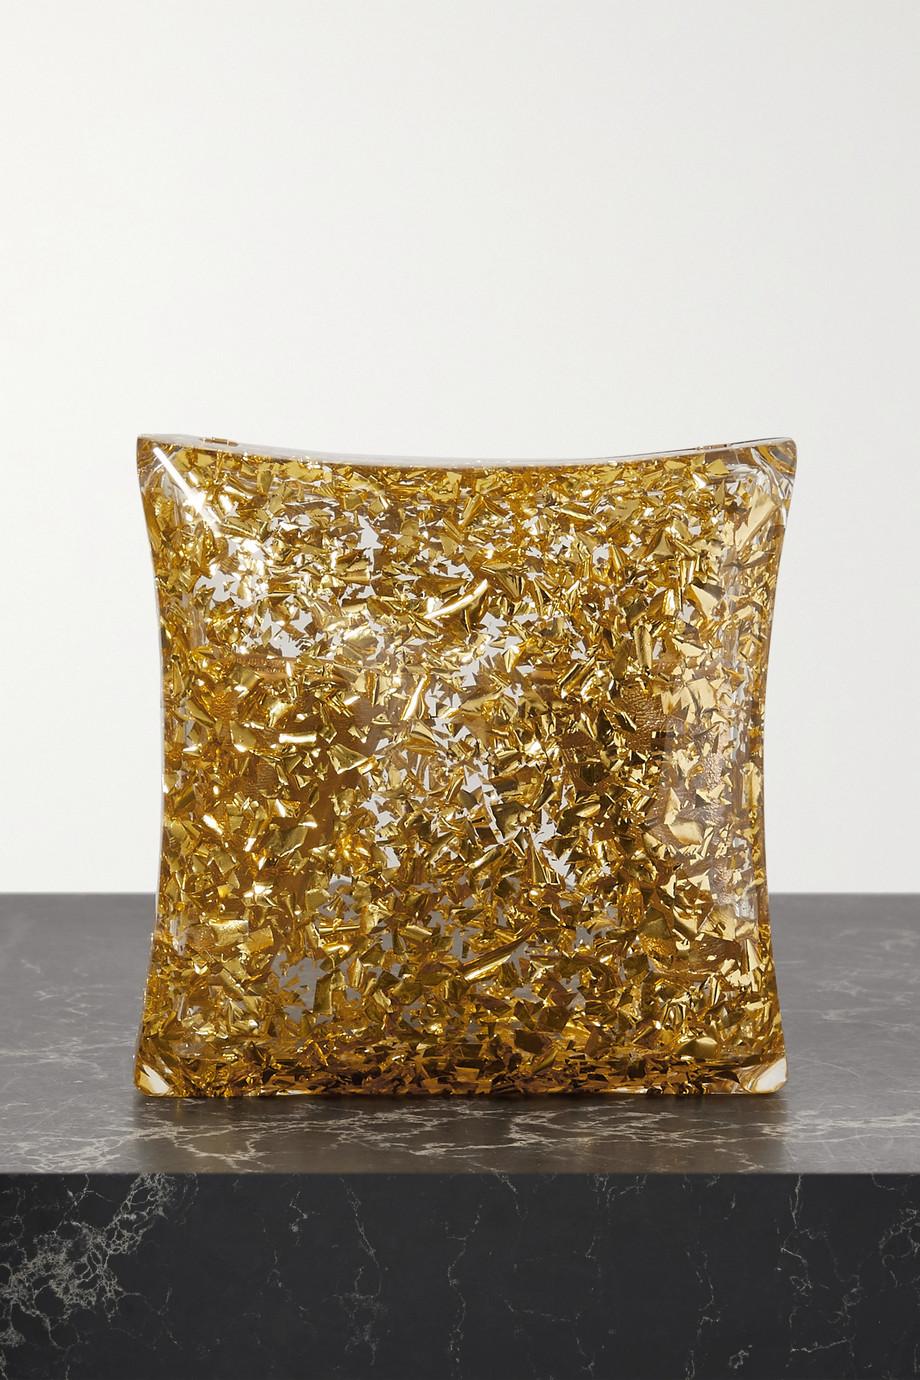 Bottega Veneta Clutch aus Plexiglas® in Glitter-Optik